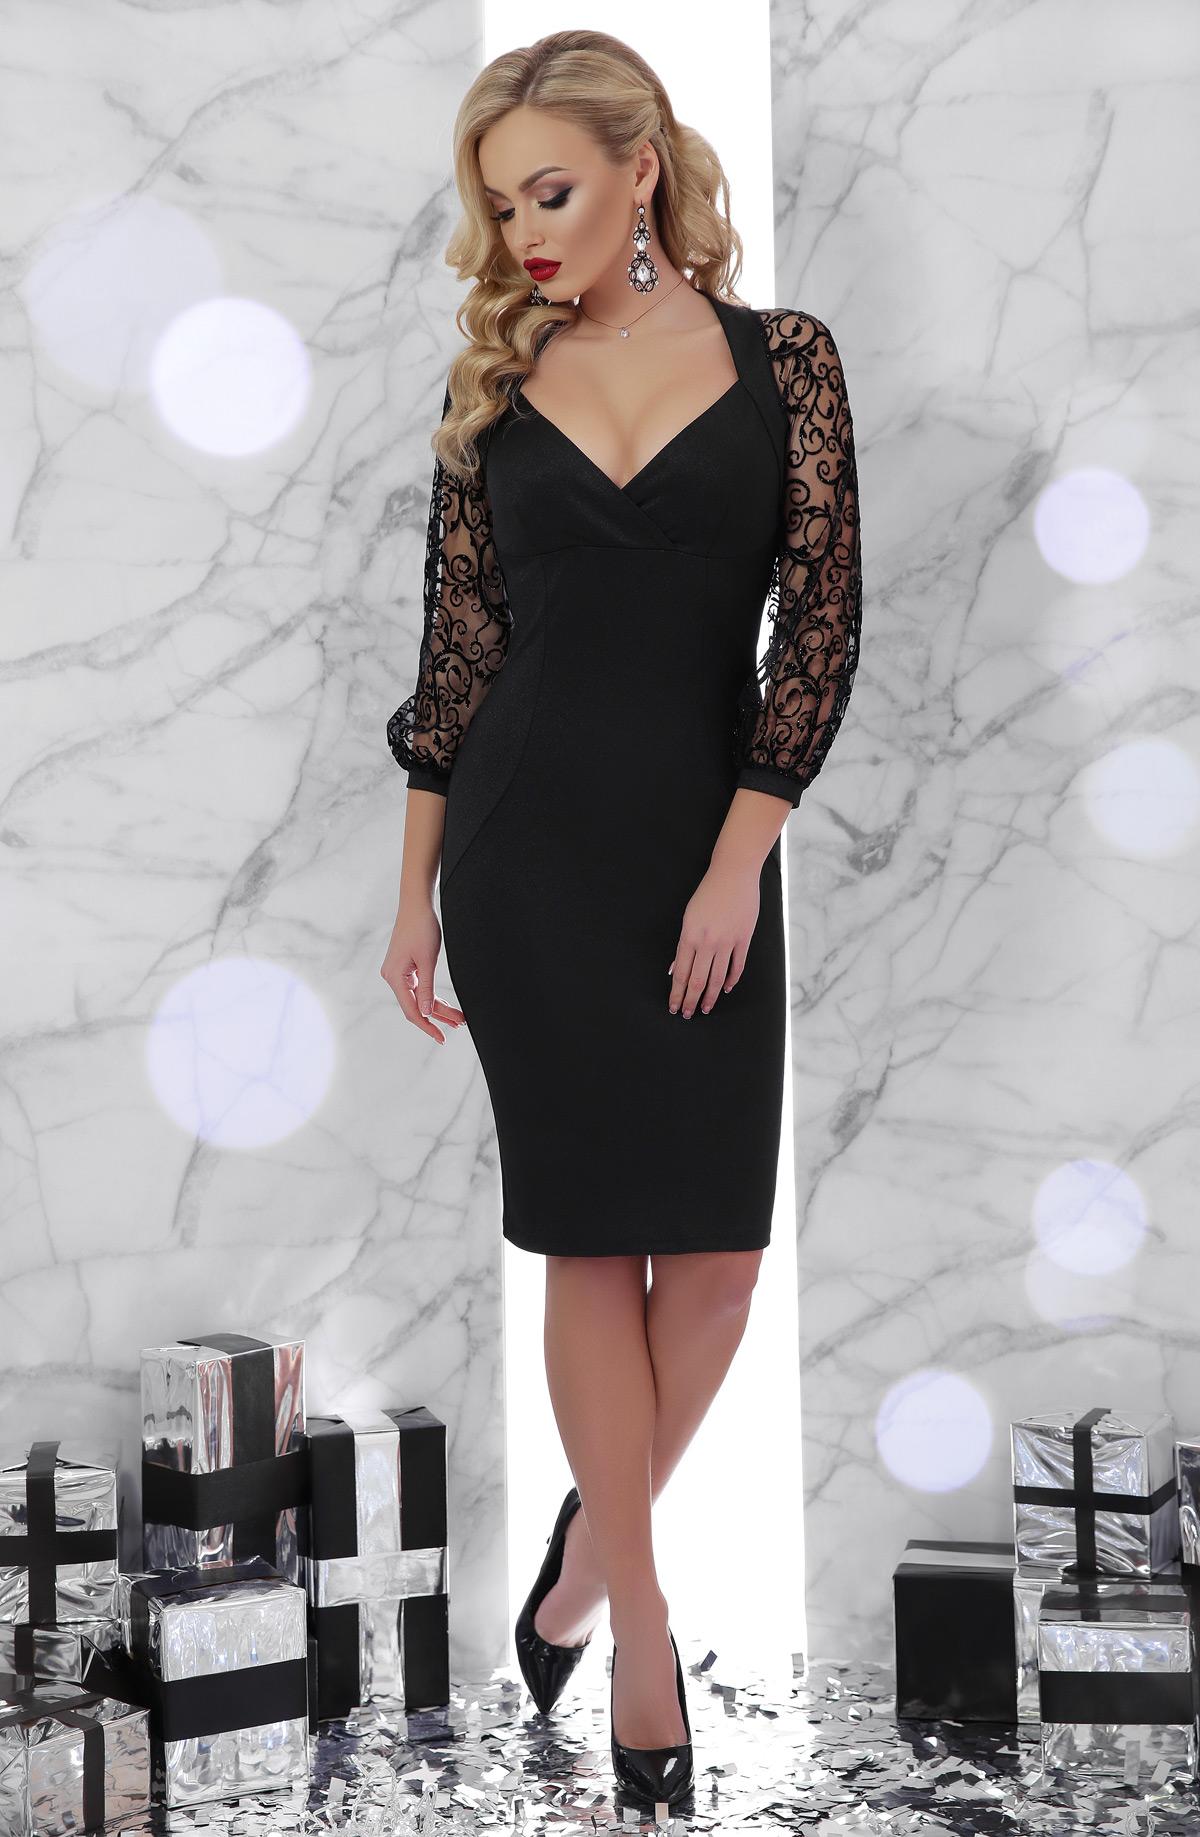 be17e4accad черное платье с кружевными рукавами. платье Флоренция д р. Цвет  черный